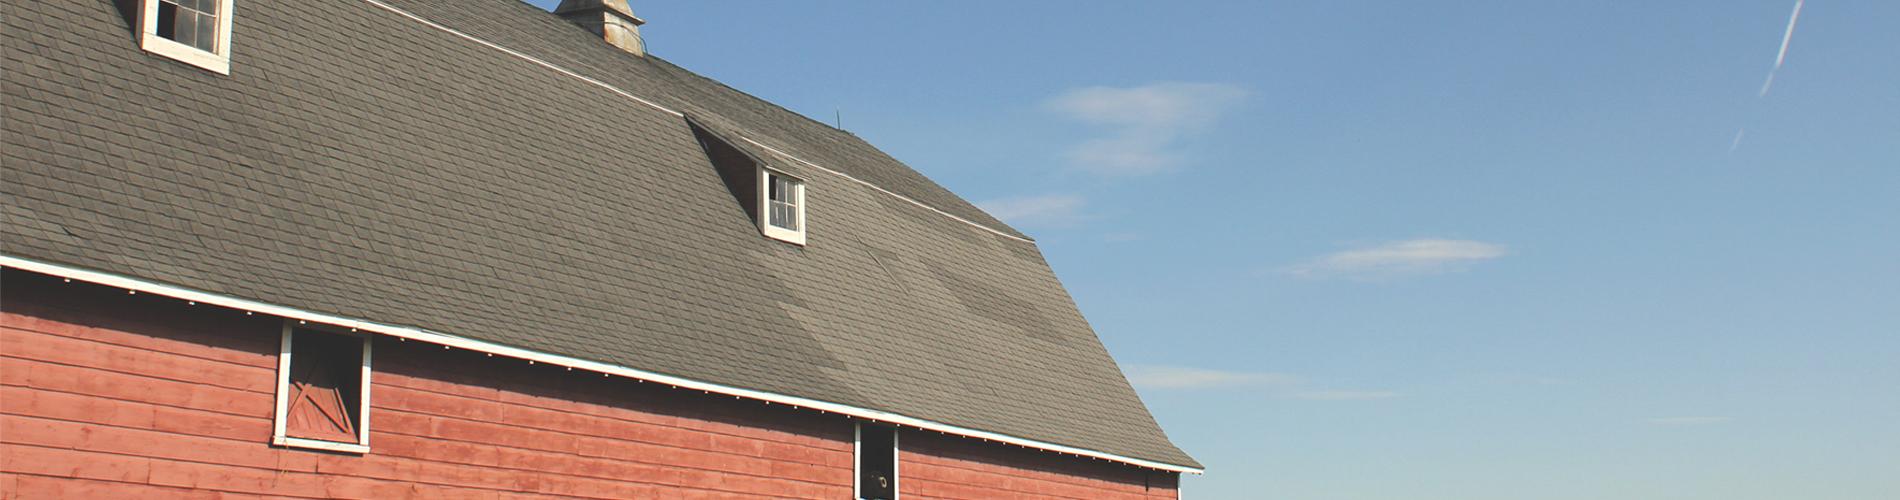 Farm house photo